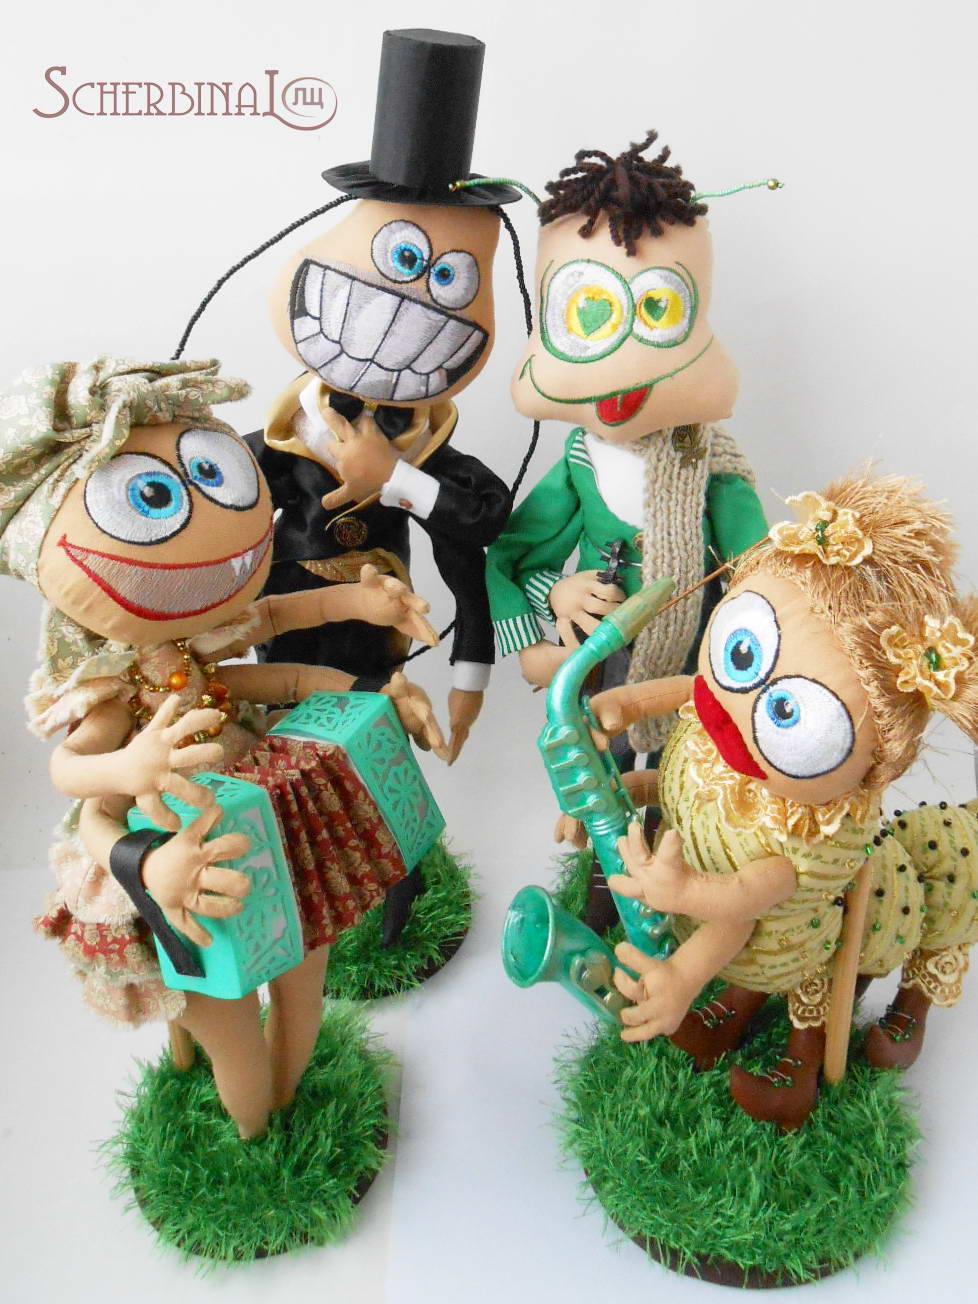 интерьерные текстильные игрушки таракан, кузнечик, блоха, гусеницаручная работа